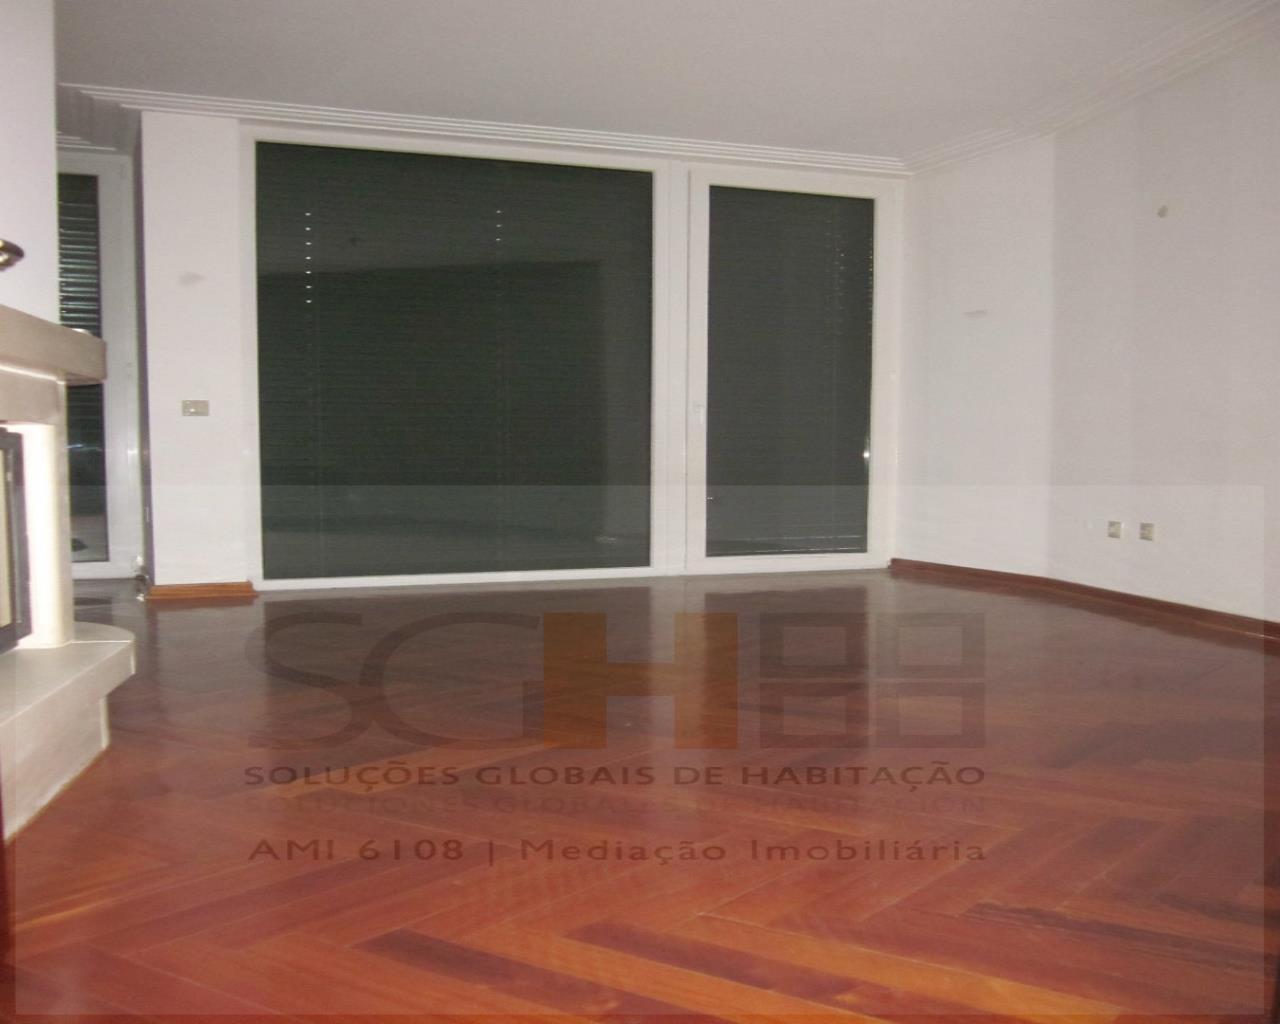 SGH Mediação Imobiliária,Unipessoal Lda